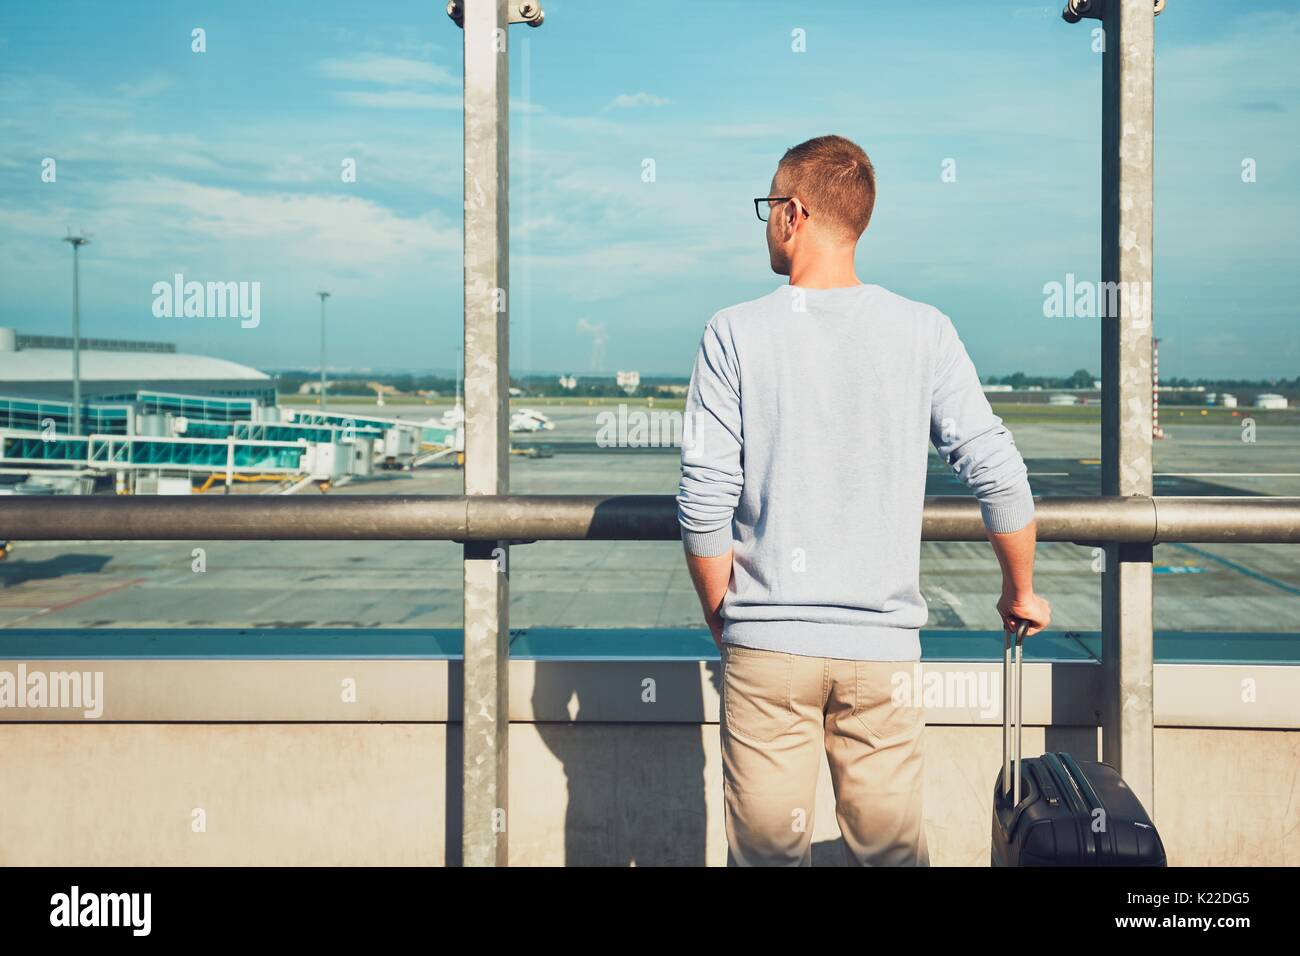 Terminal Watching Stock Photos & Terminal Watching Stock ...